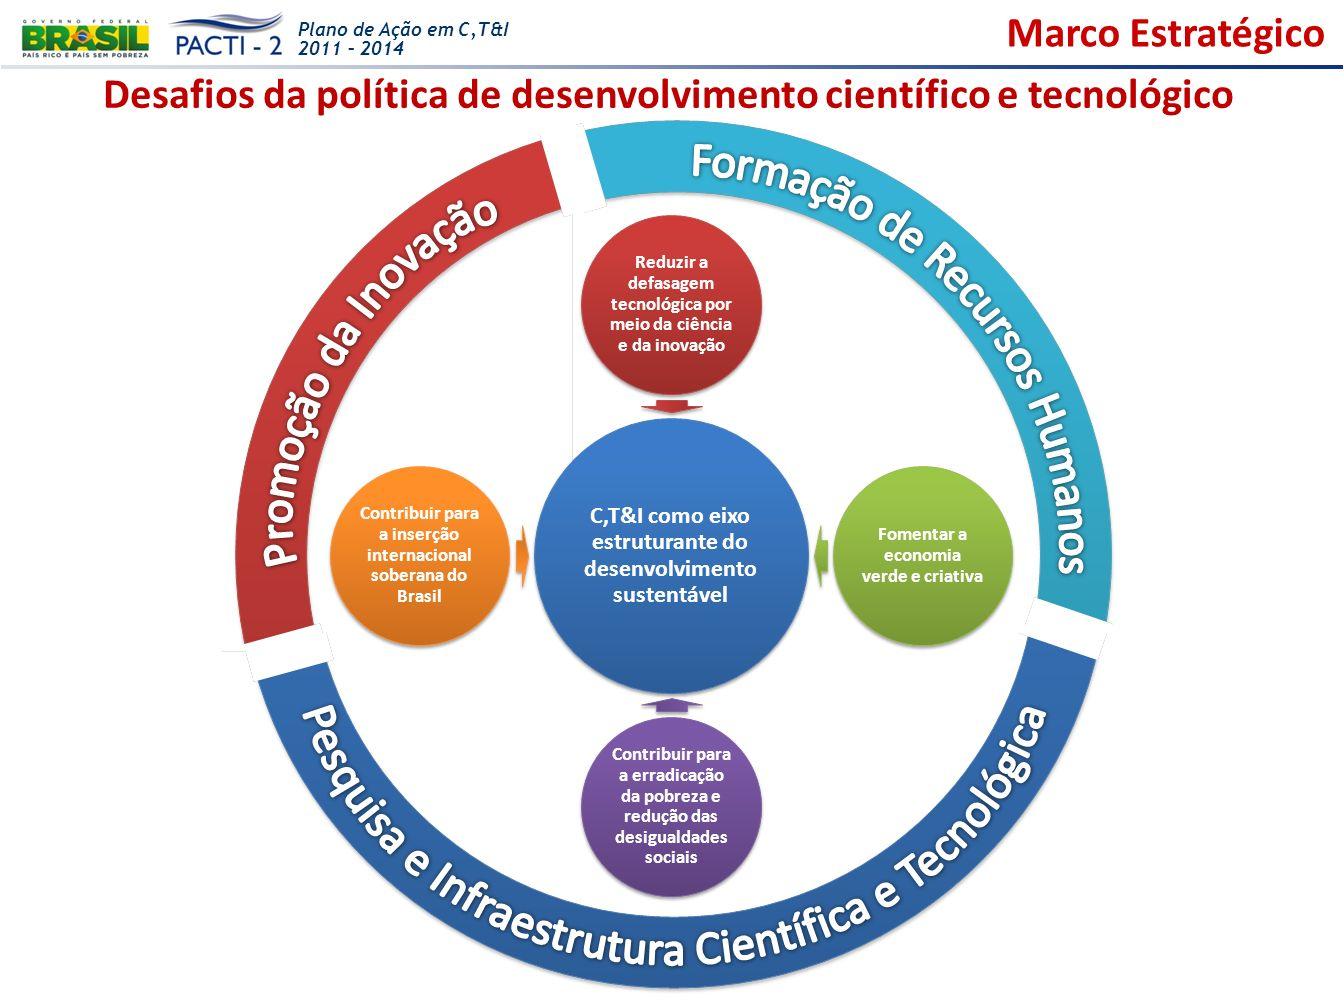 Desafios da política de desenvolvimento científico e tecnológico